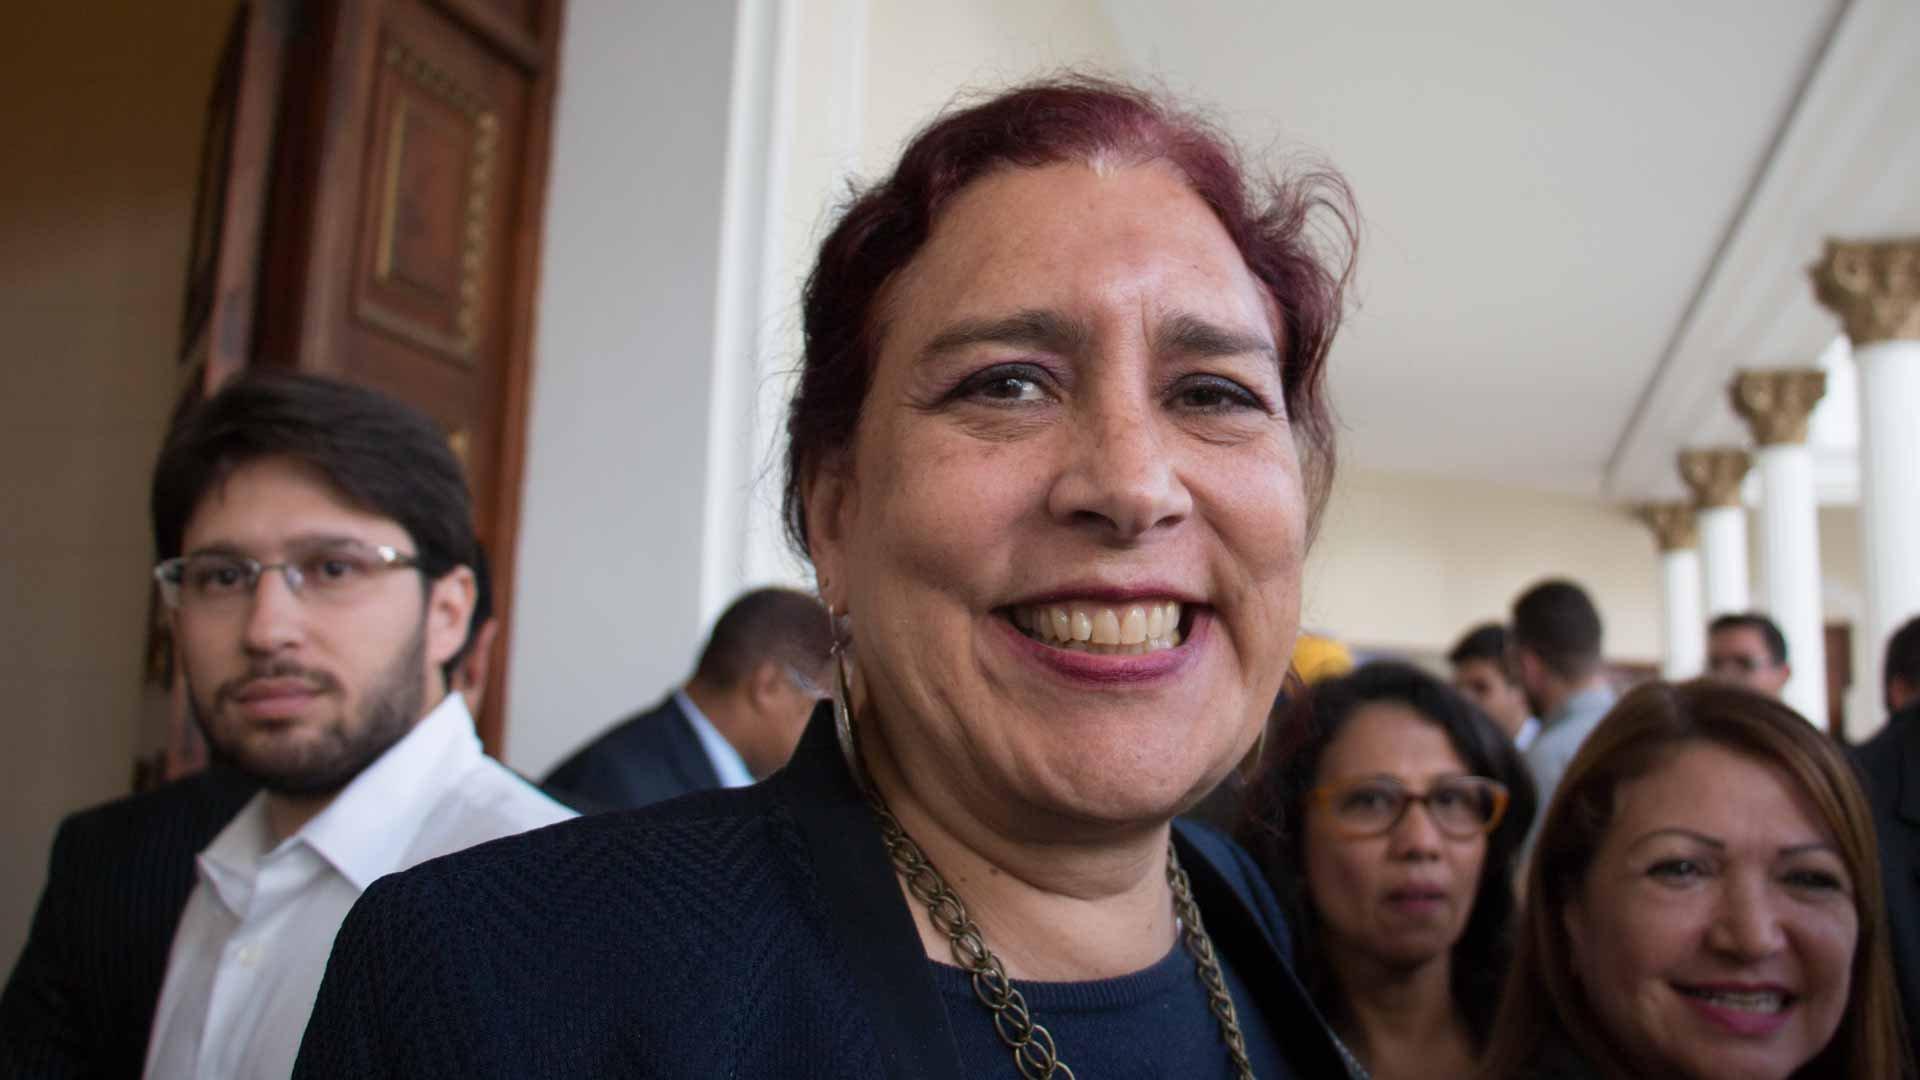 Tamara Adrian